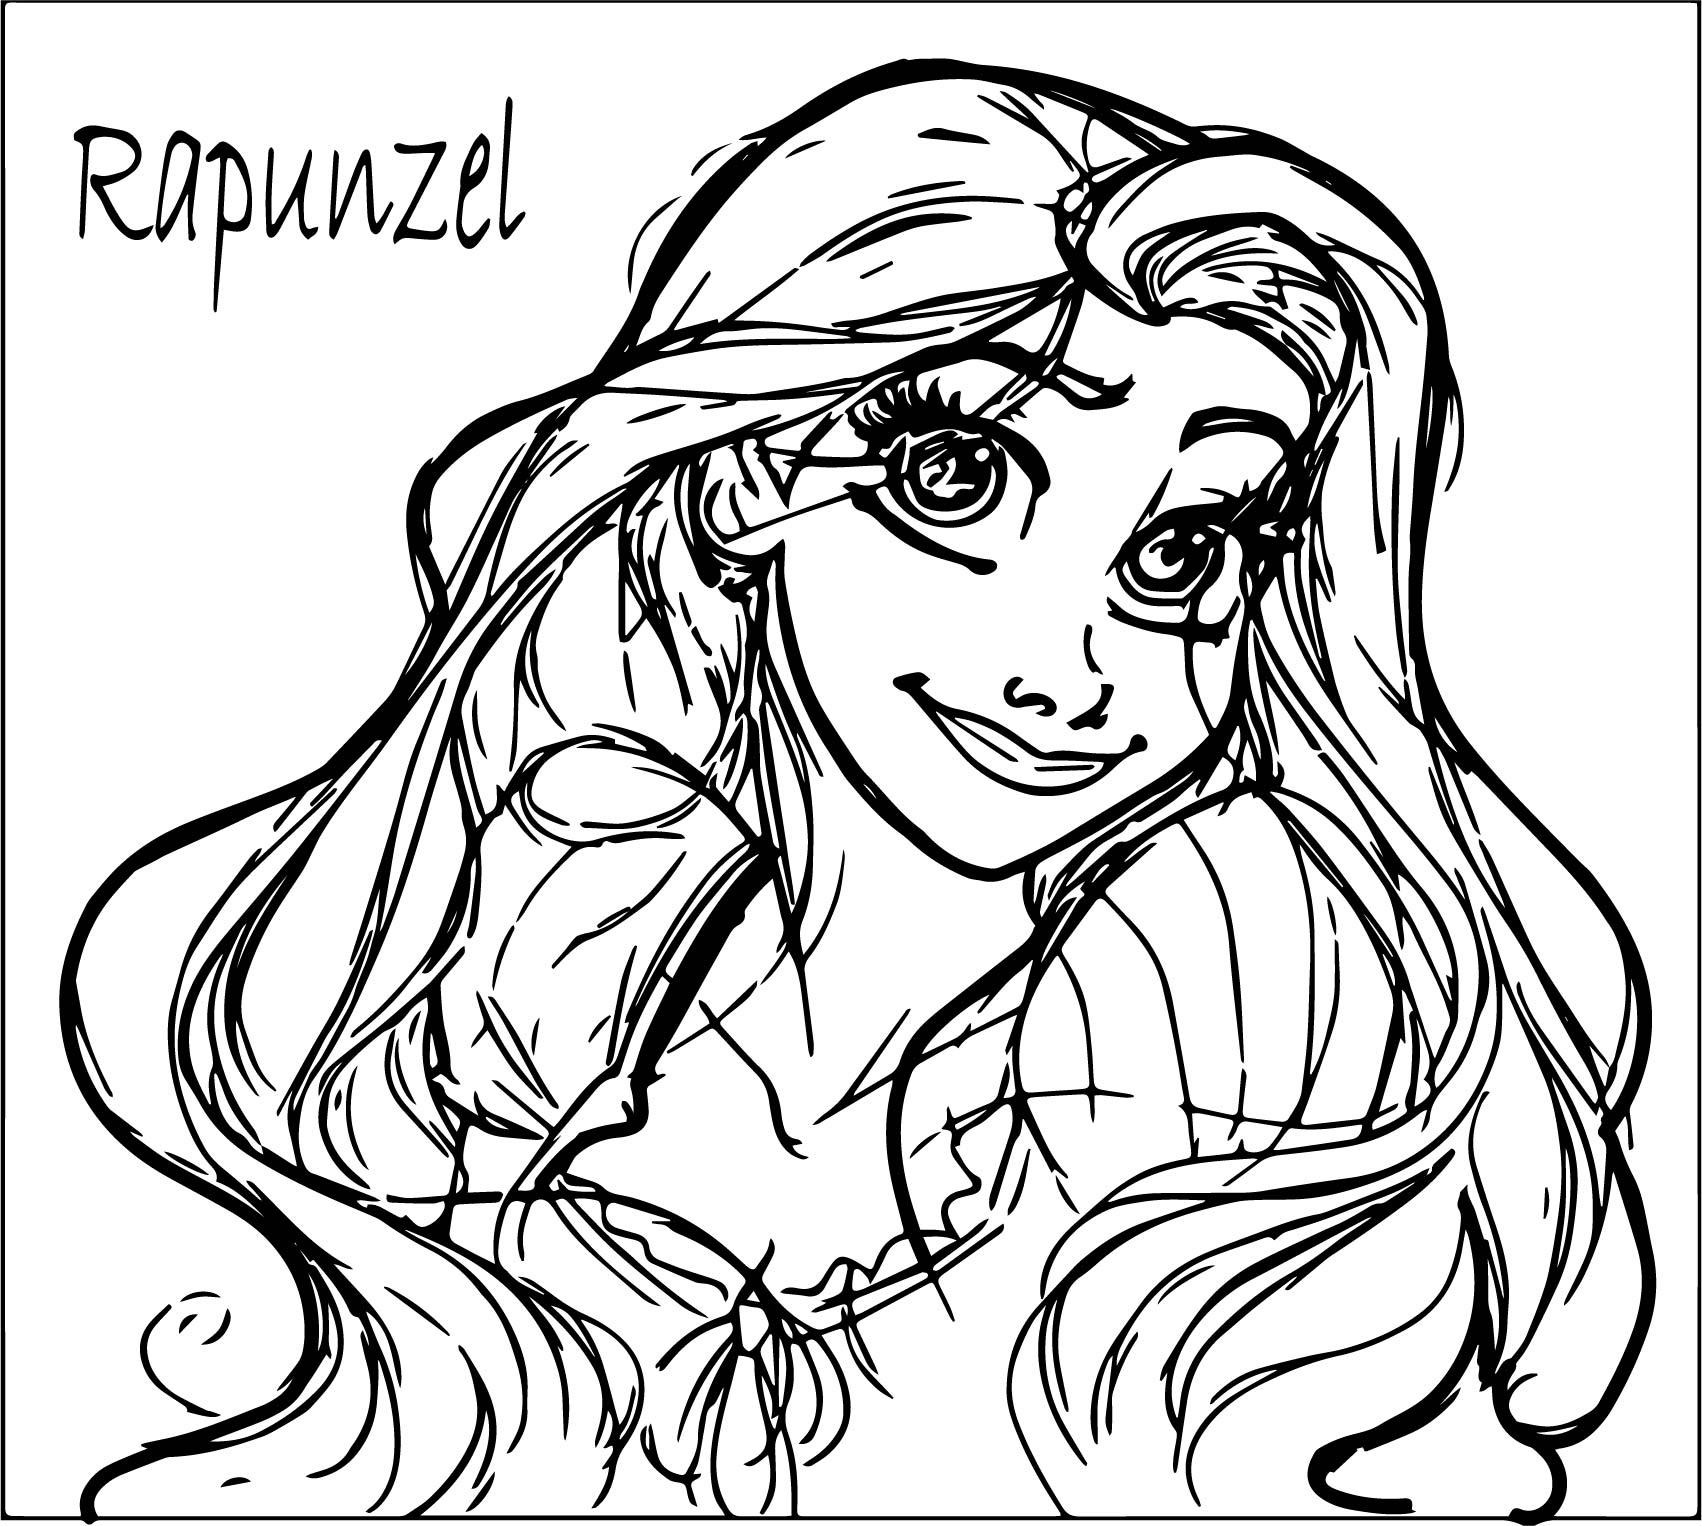 1702x1526 Rapunzel Coloring Page Awesome Unique Rapunzel Coloring Pages